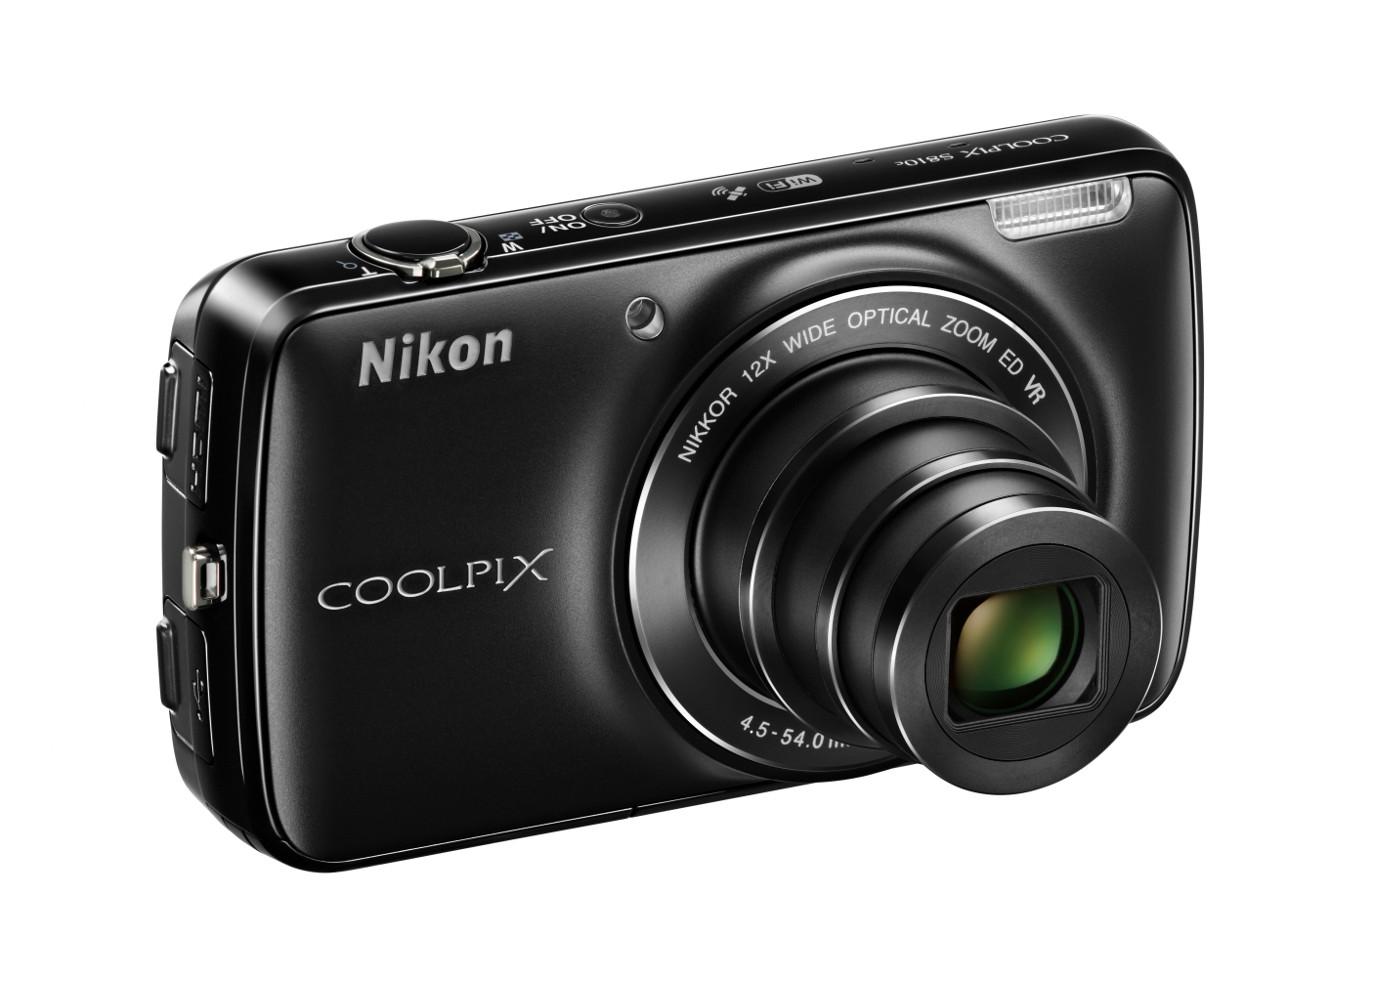 Nikon COOLPIX S810c: in arrivo la compatta con Android